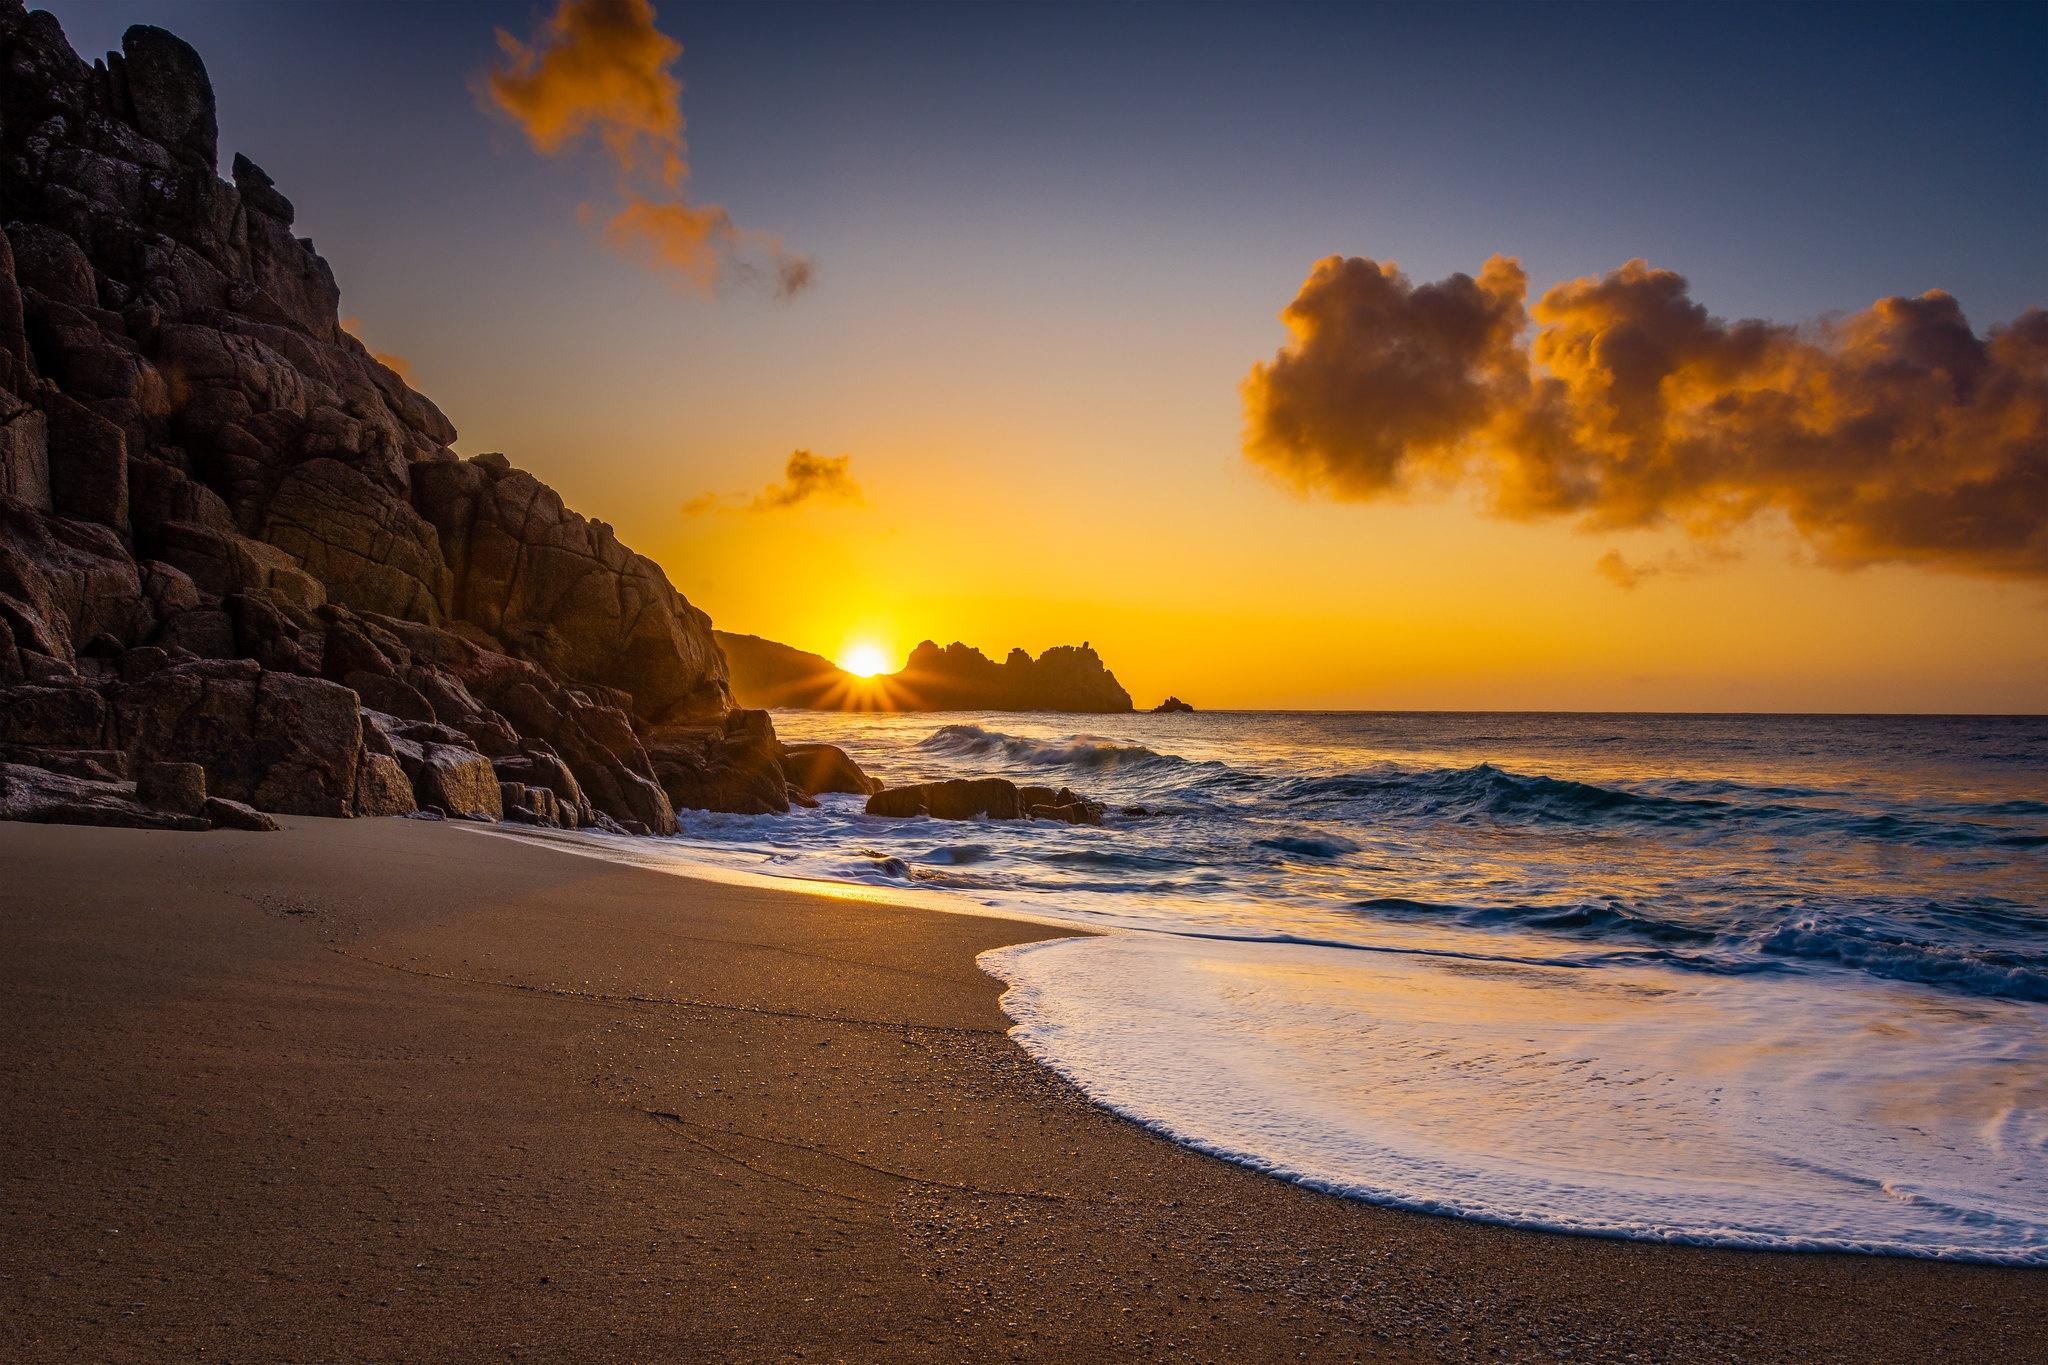 Coast England Rock Sea Sunrise 2048x1365